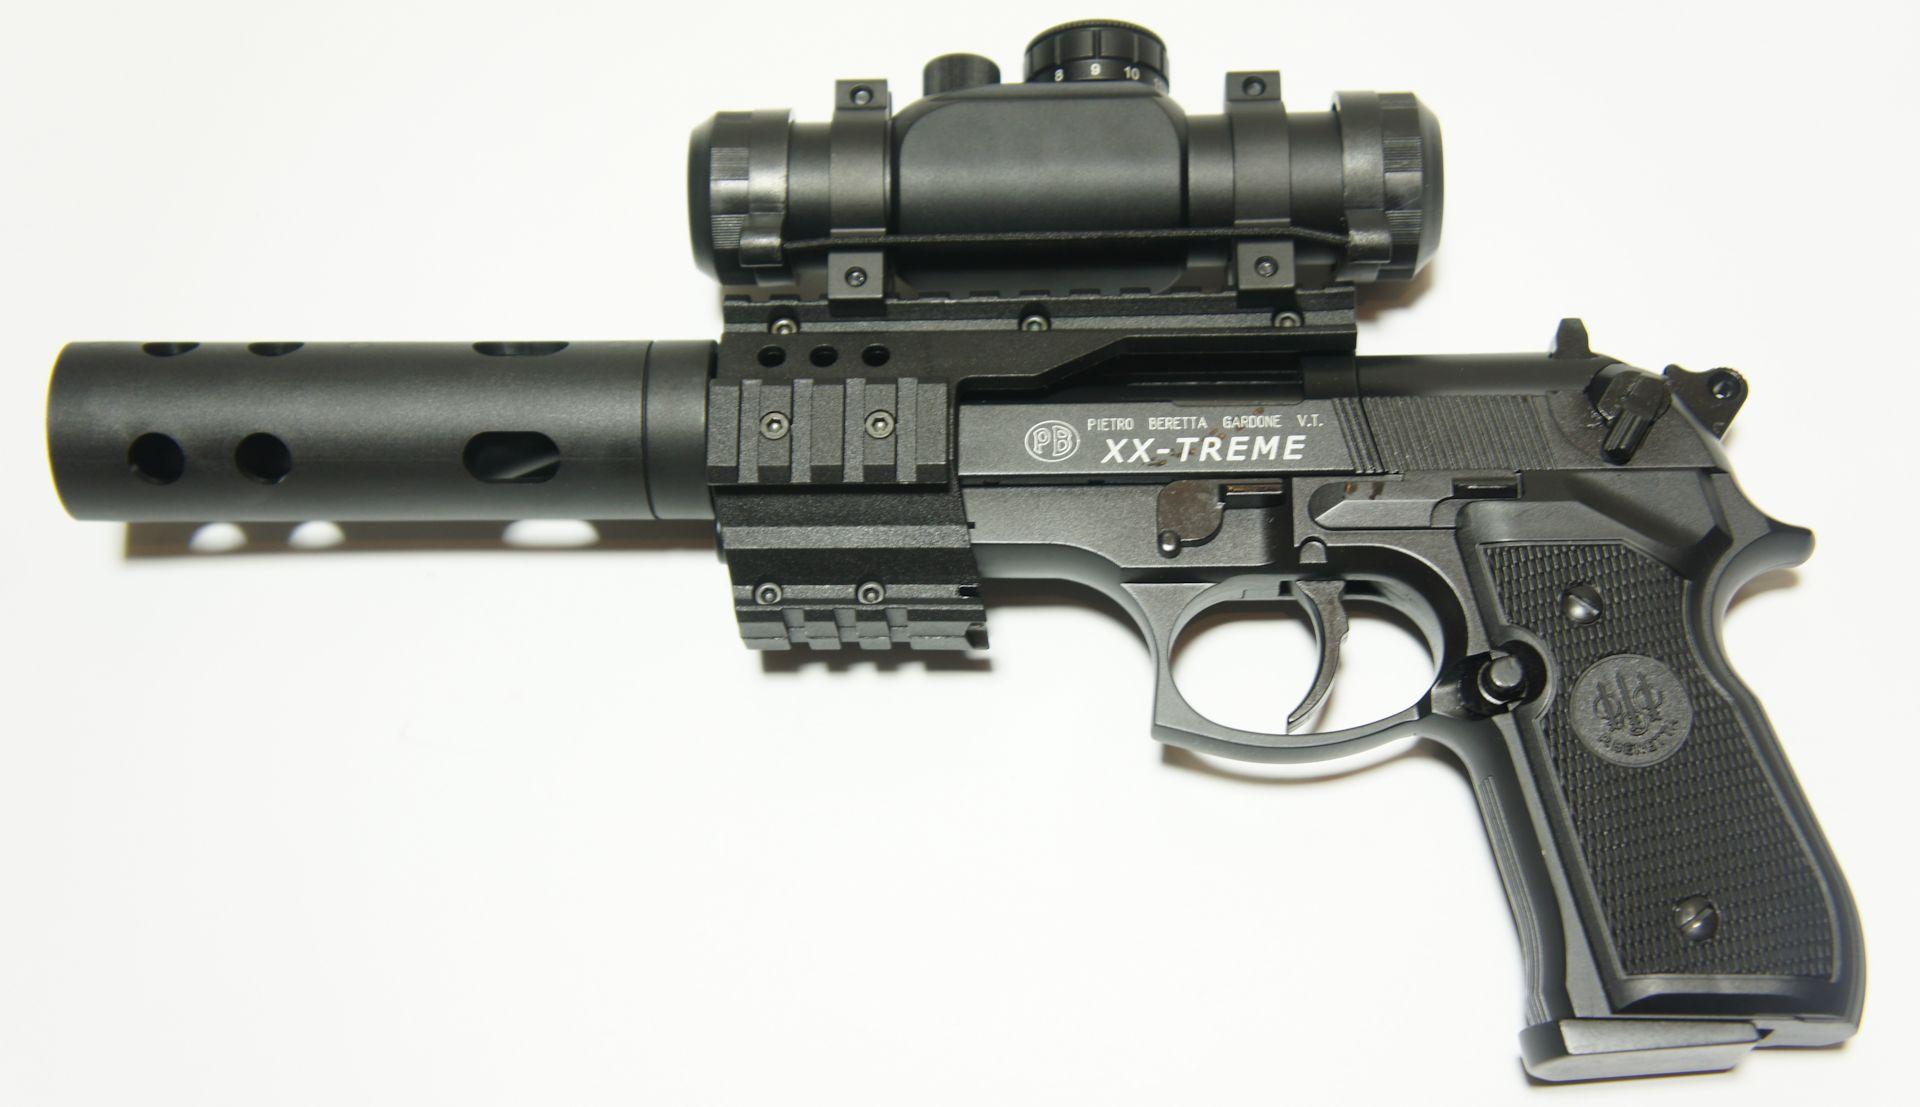 Co2 Pistole Beretta XX-Treme